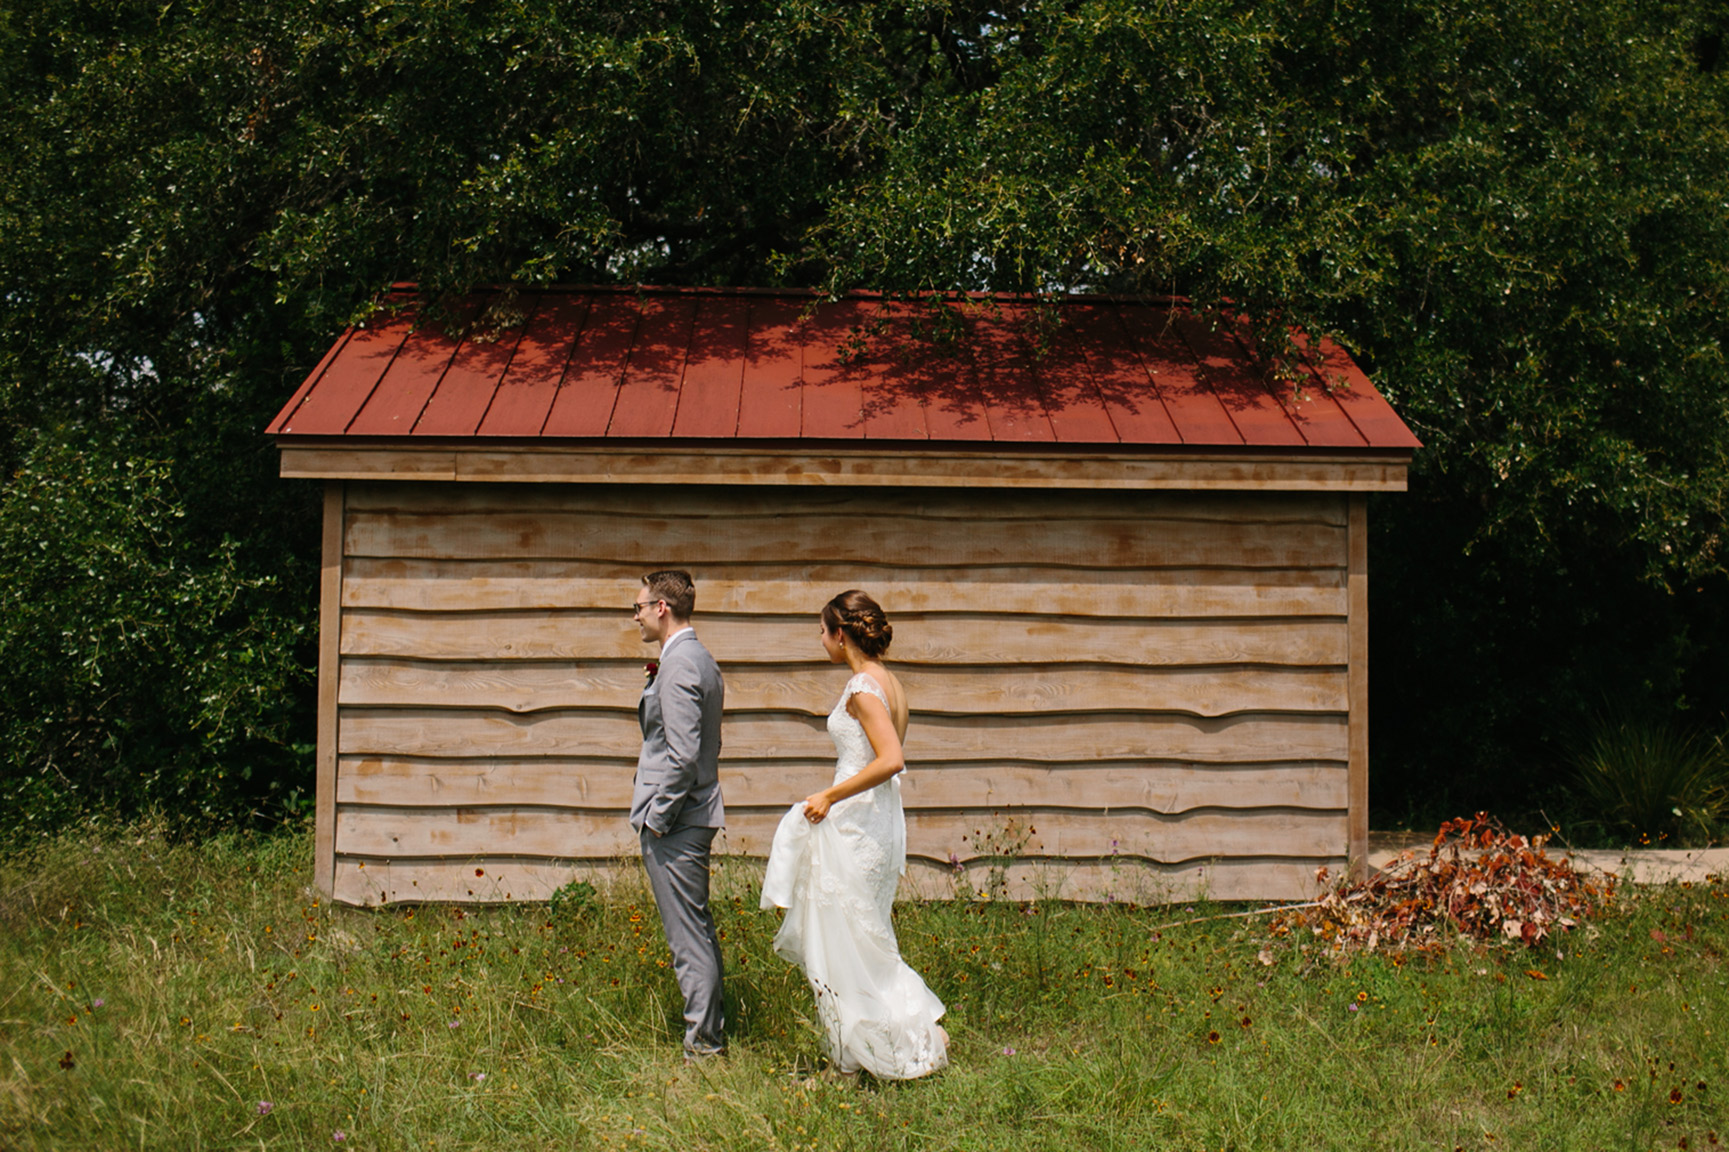 Austin_WeddingPhotographerWARRWEDDING006.jpg